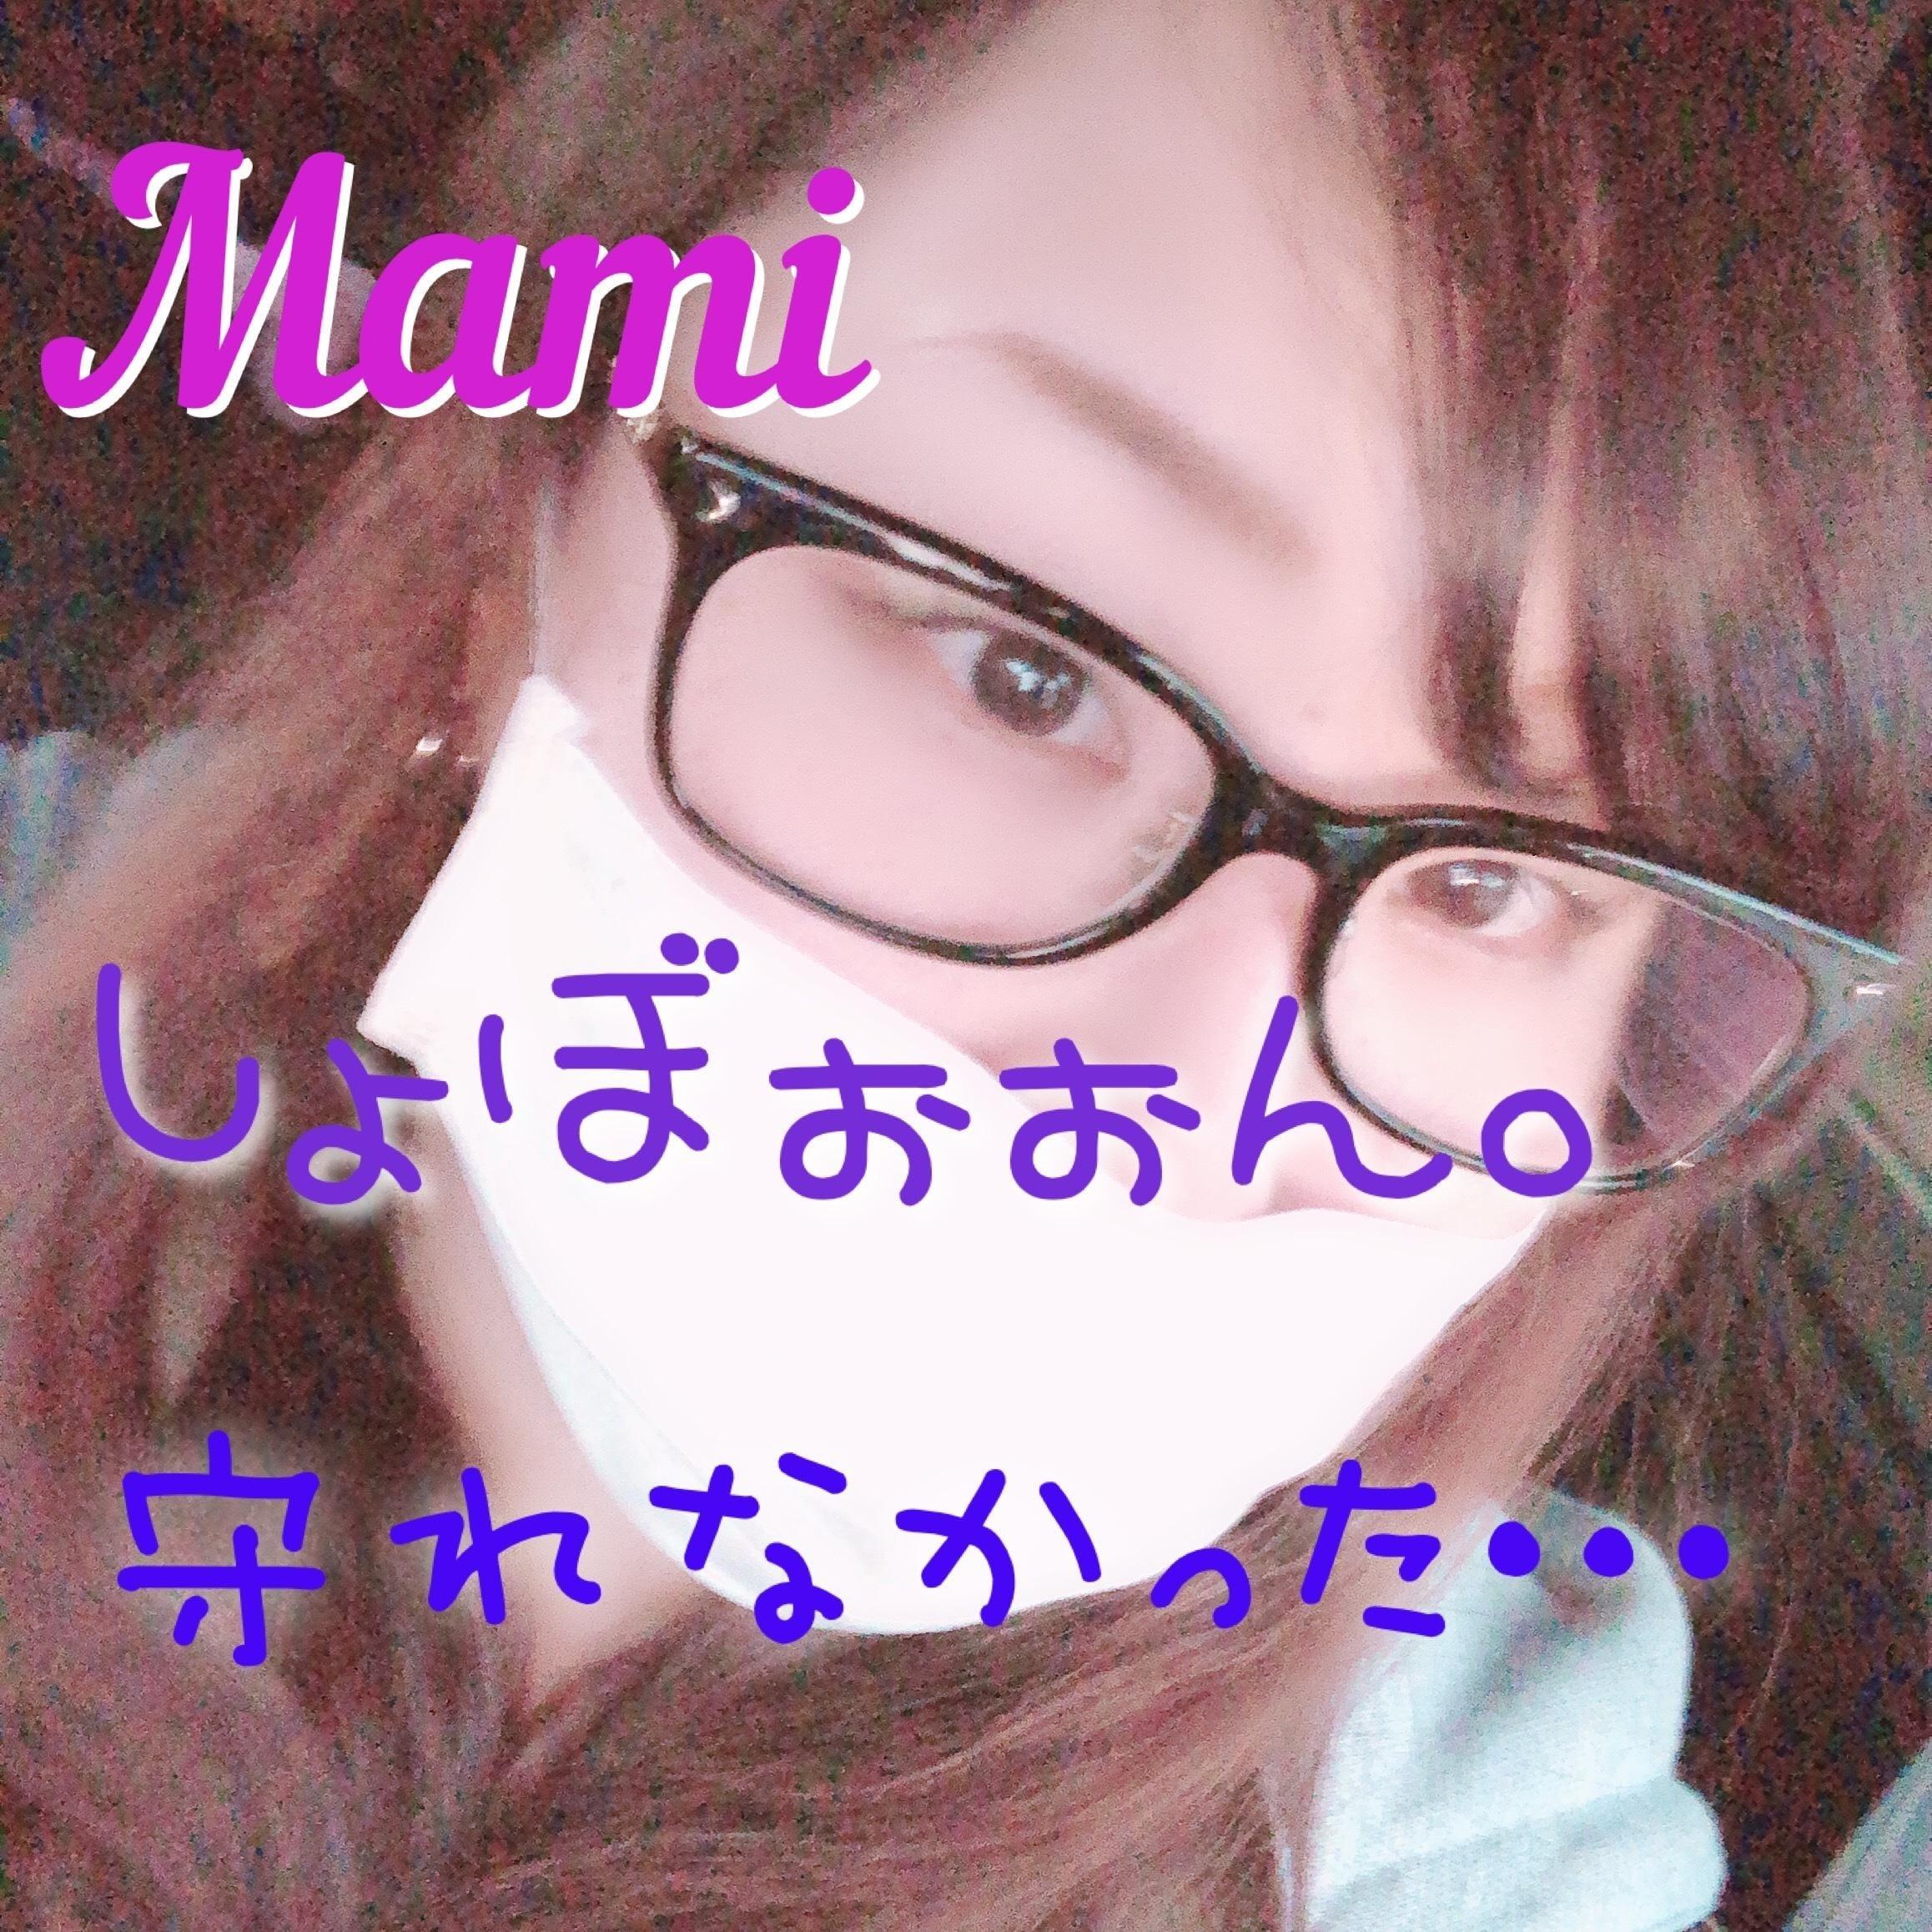 「ぷら日記?悲しい……」01/05(01/05) 03:50 | まみの写メ・風俗動画